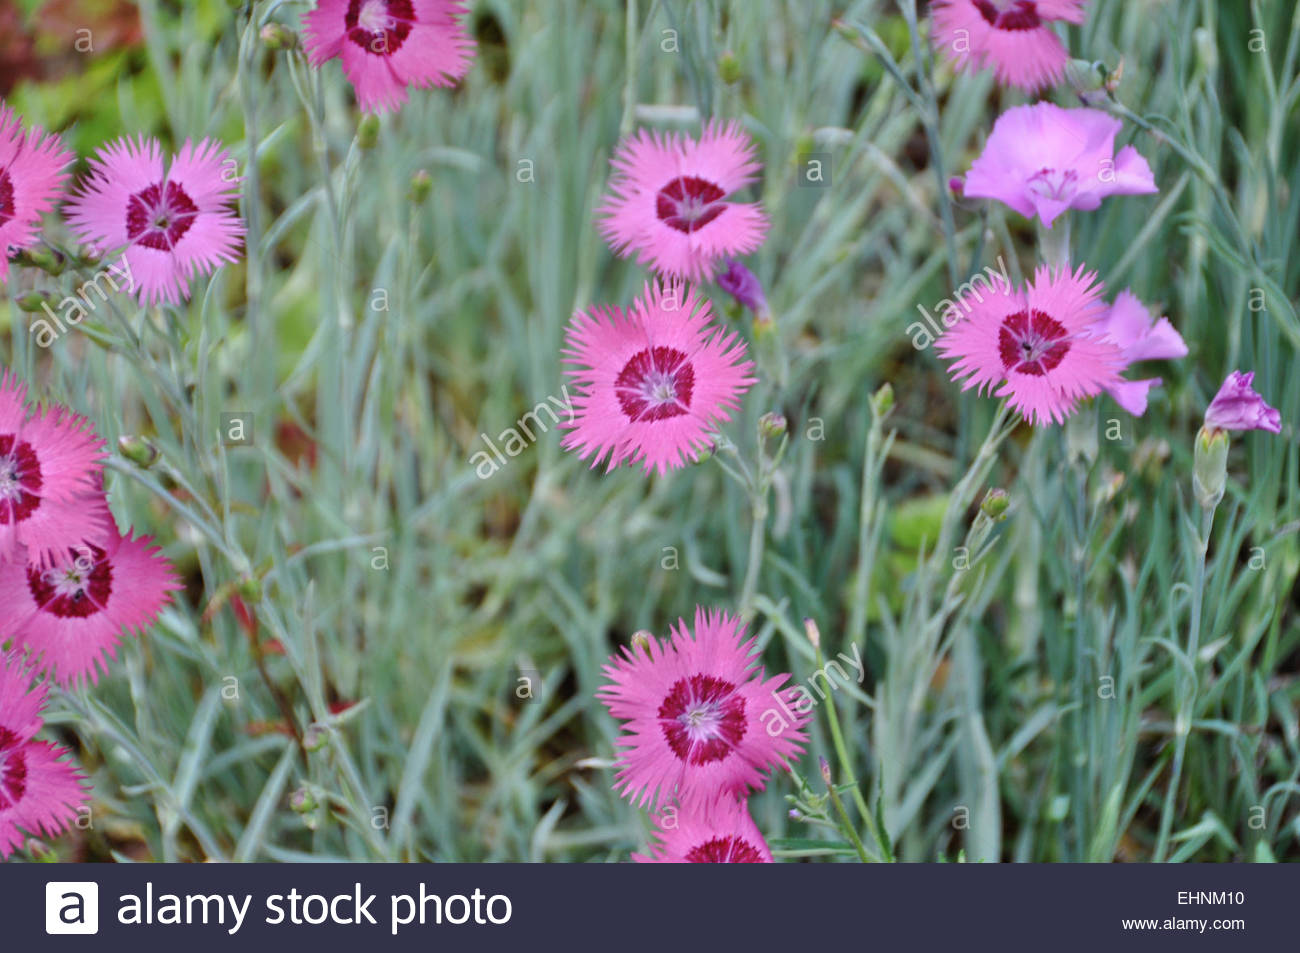 Dianthus gratianopolitanus - Stock Image